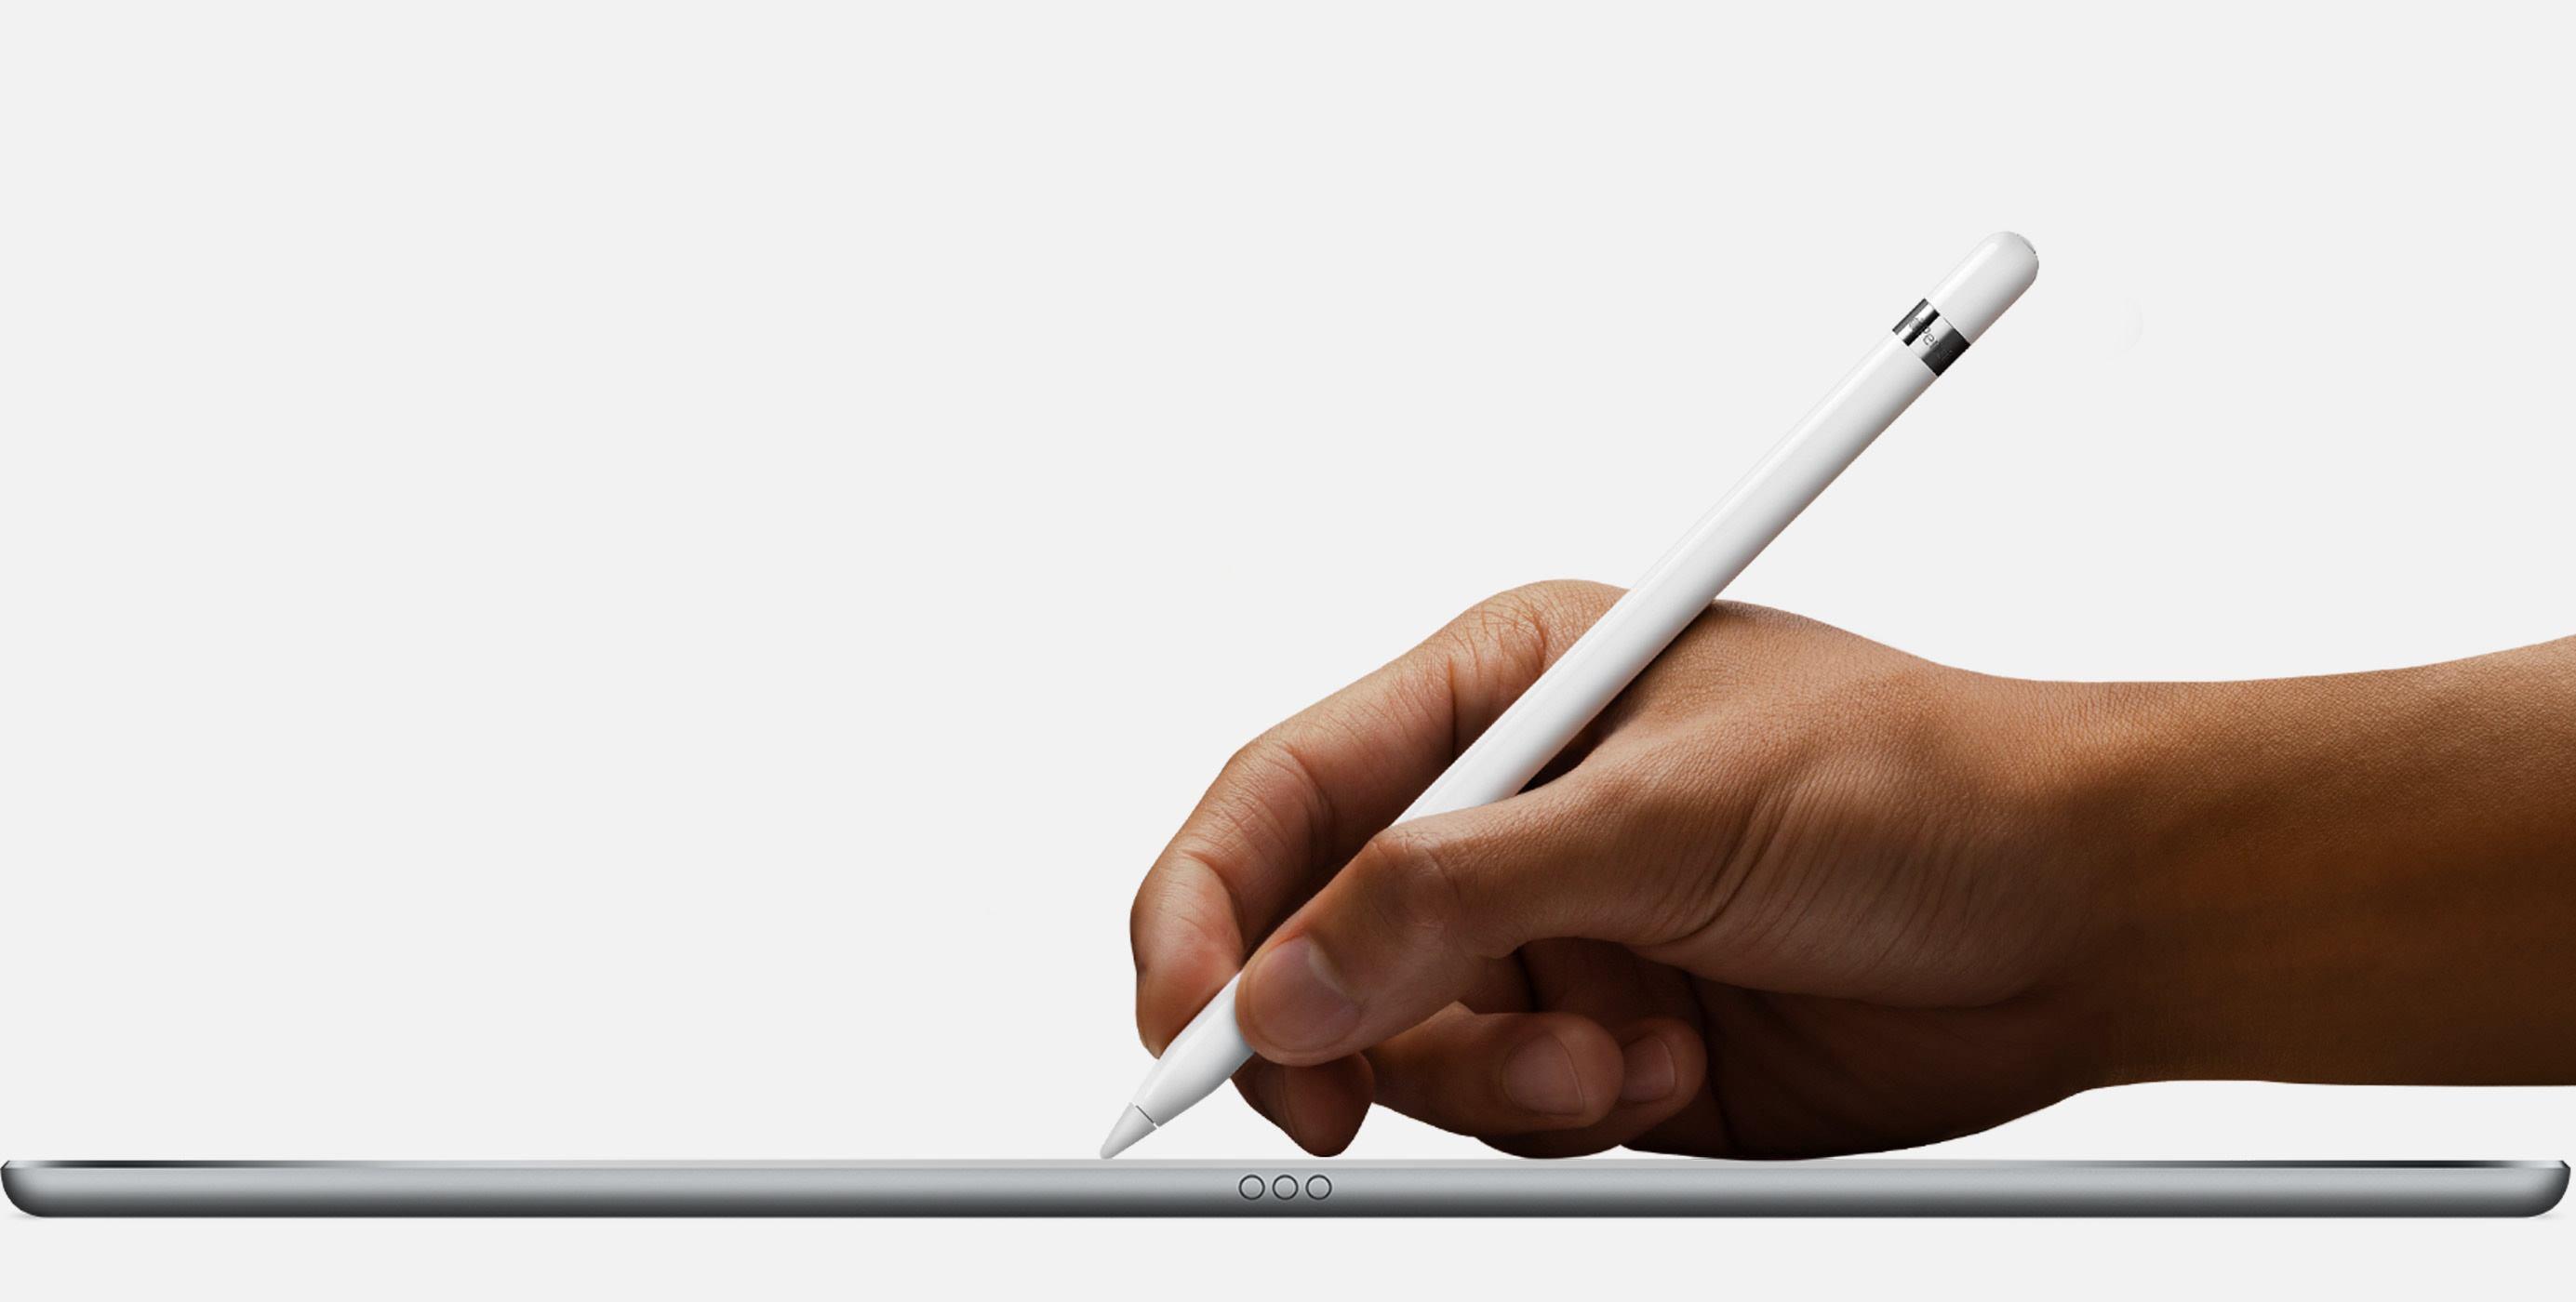 升级 iPadOS 14 后 Apple Pencil 有哪些提升?